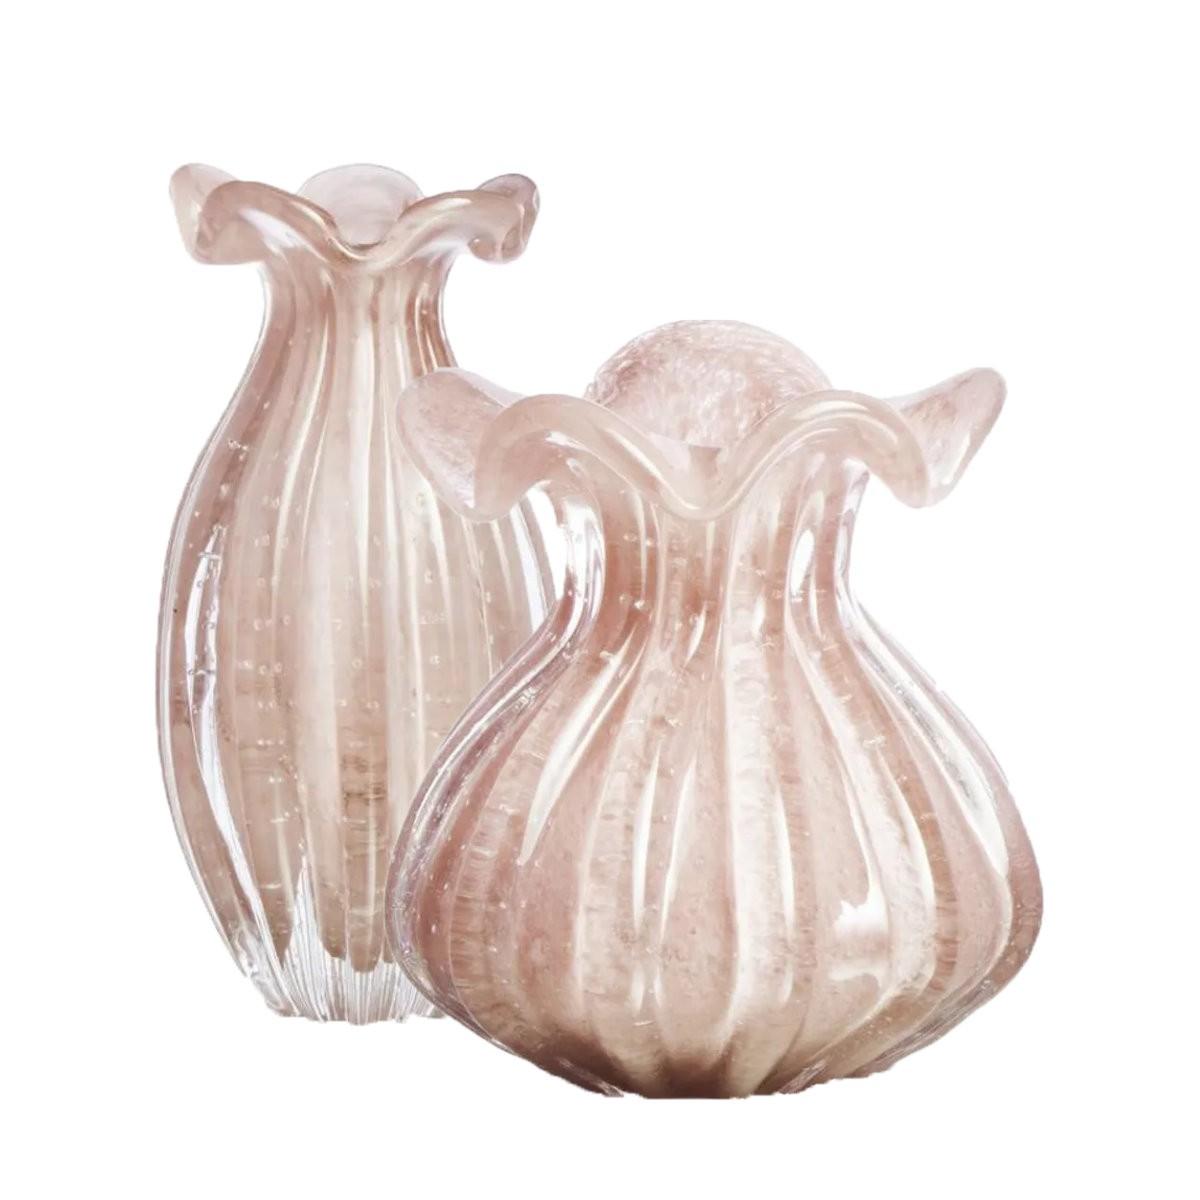 Kit Vasos de Murano Trouxinha São Marcos - Cristal Rosa (2 Peças)